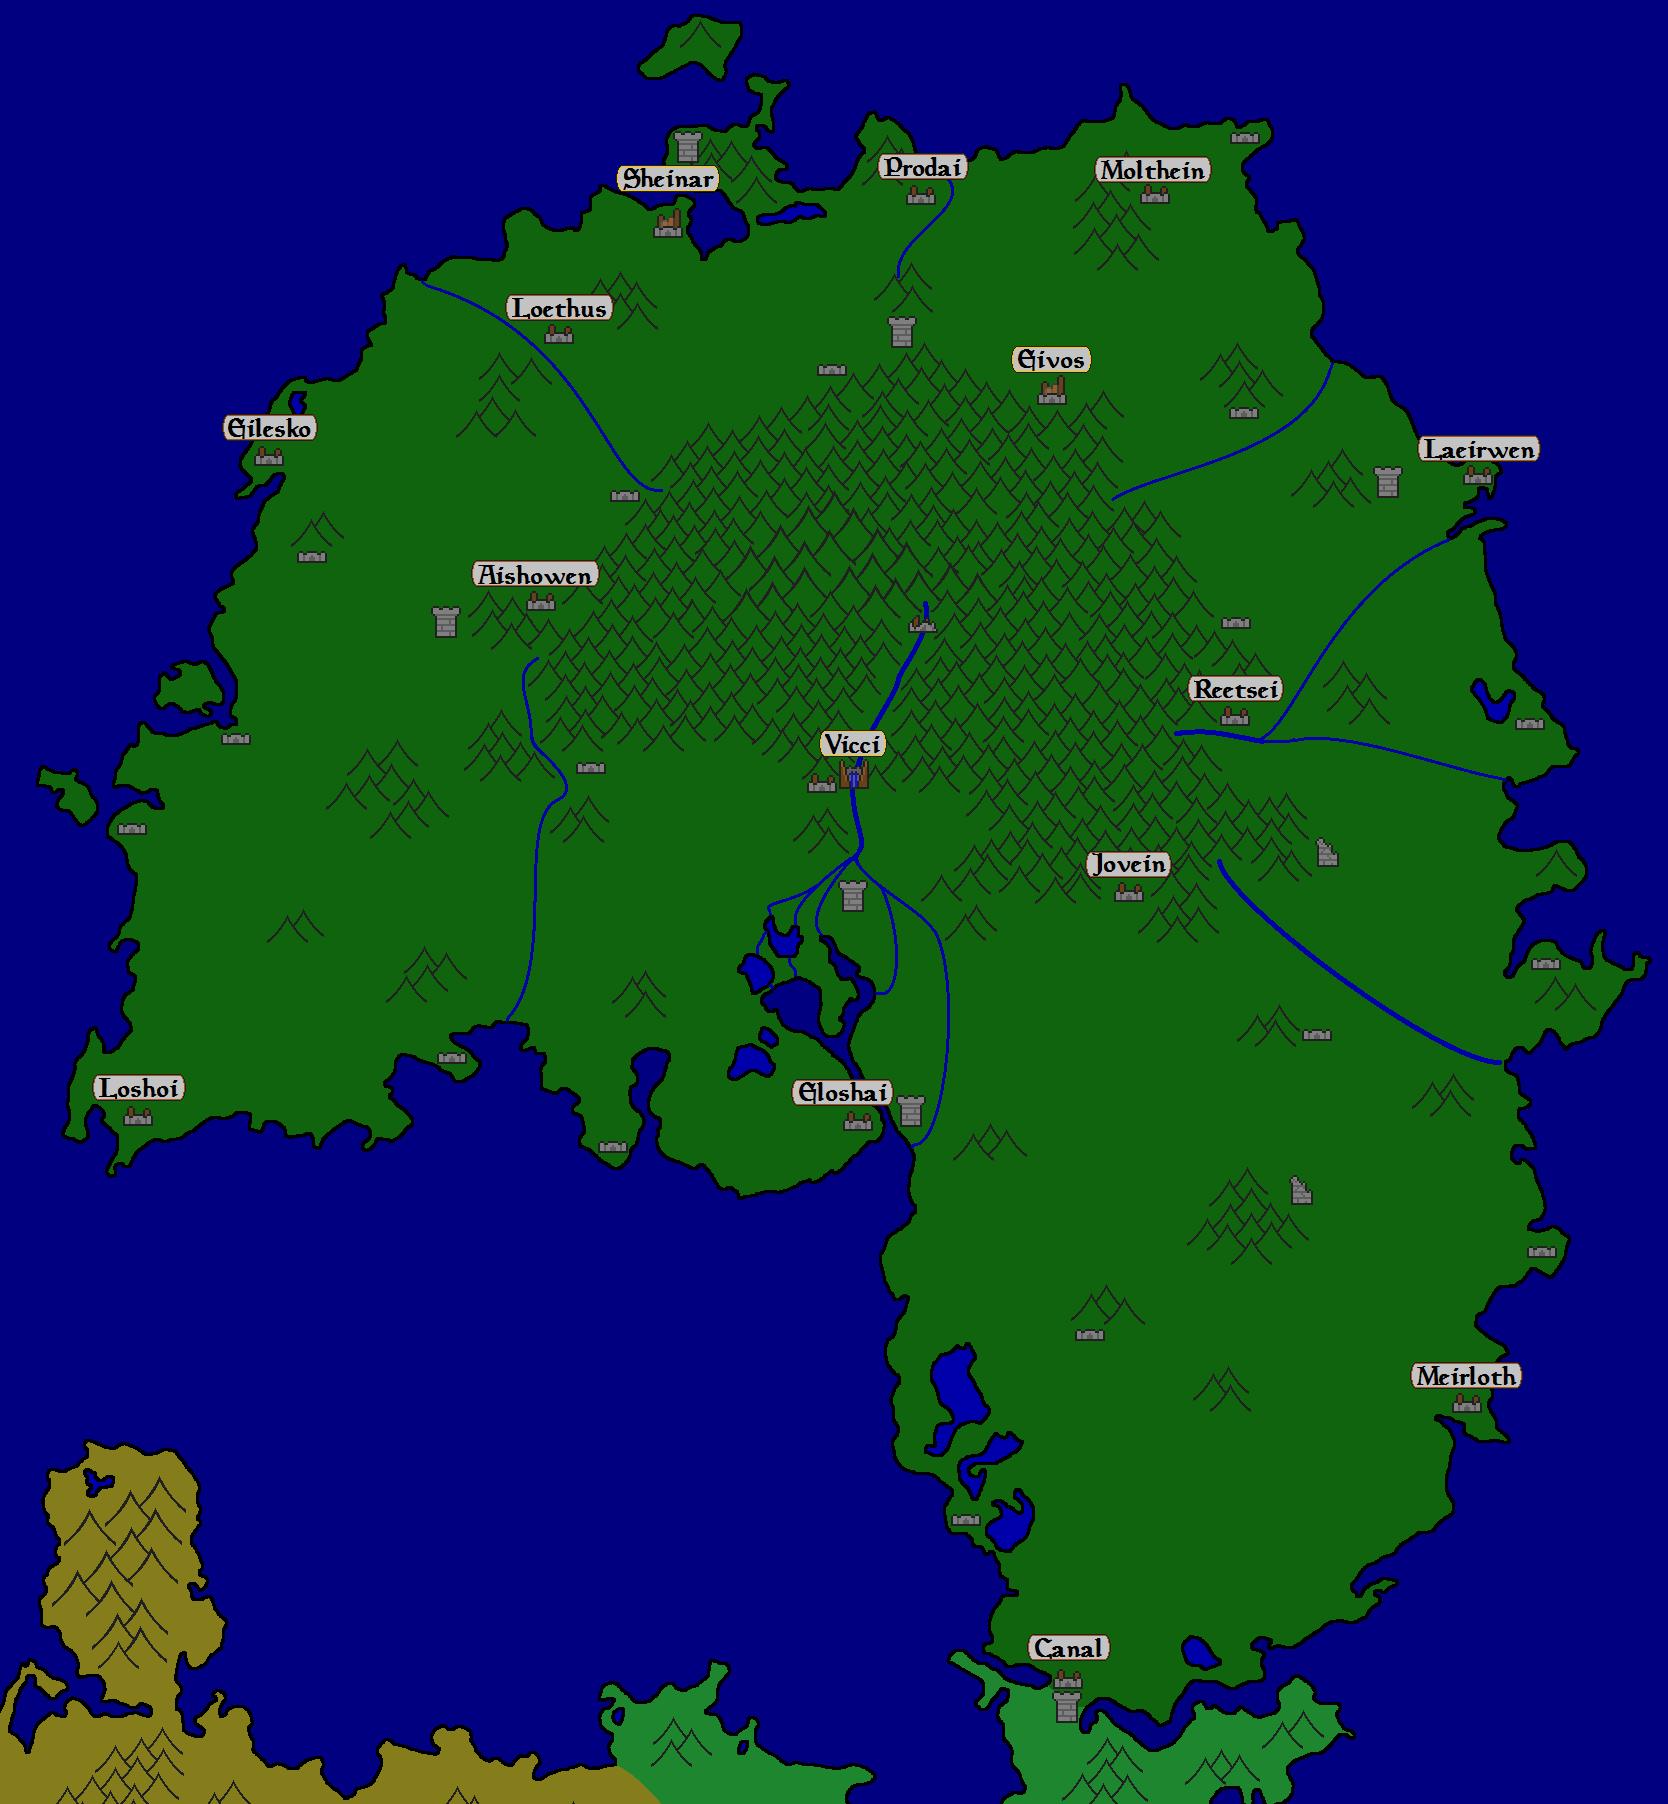 Droan_map.png